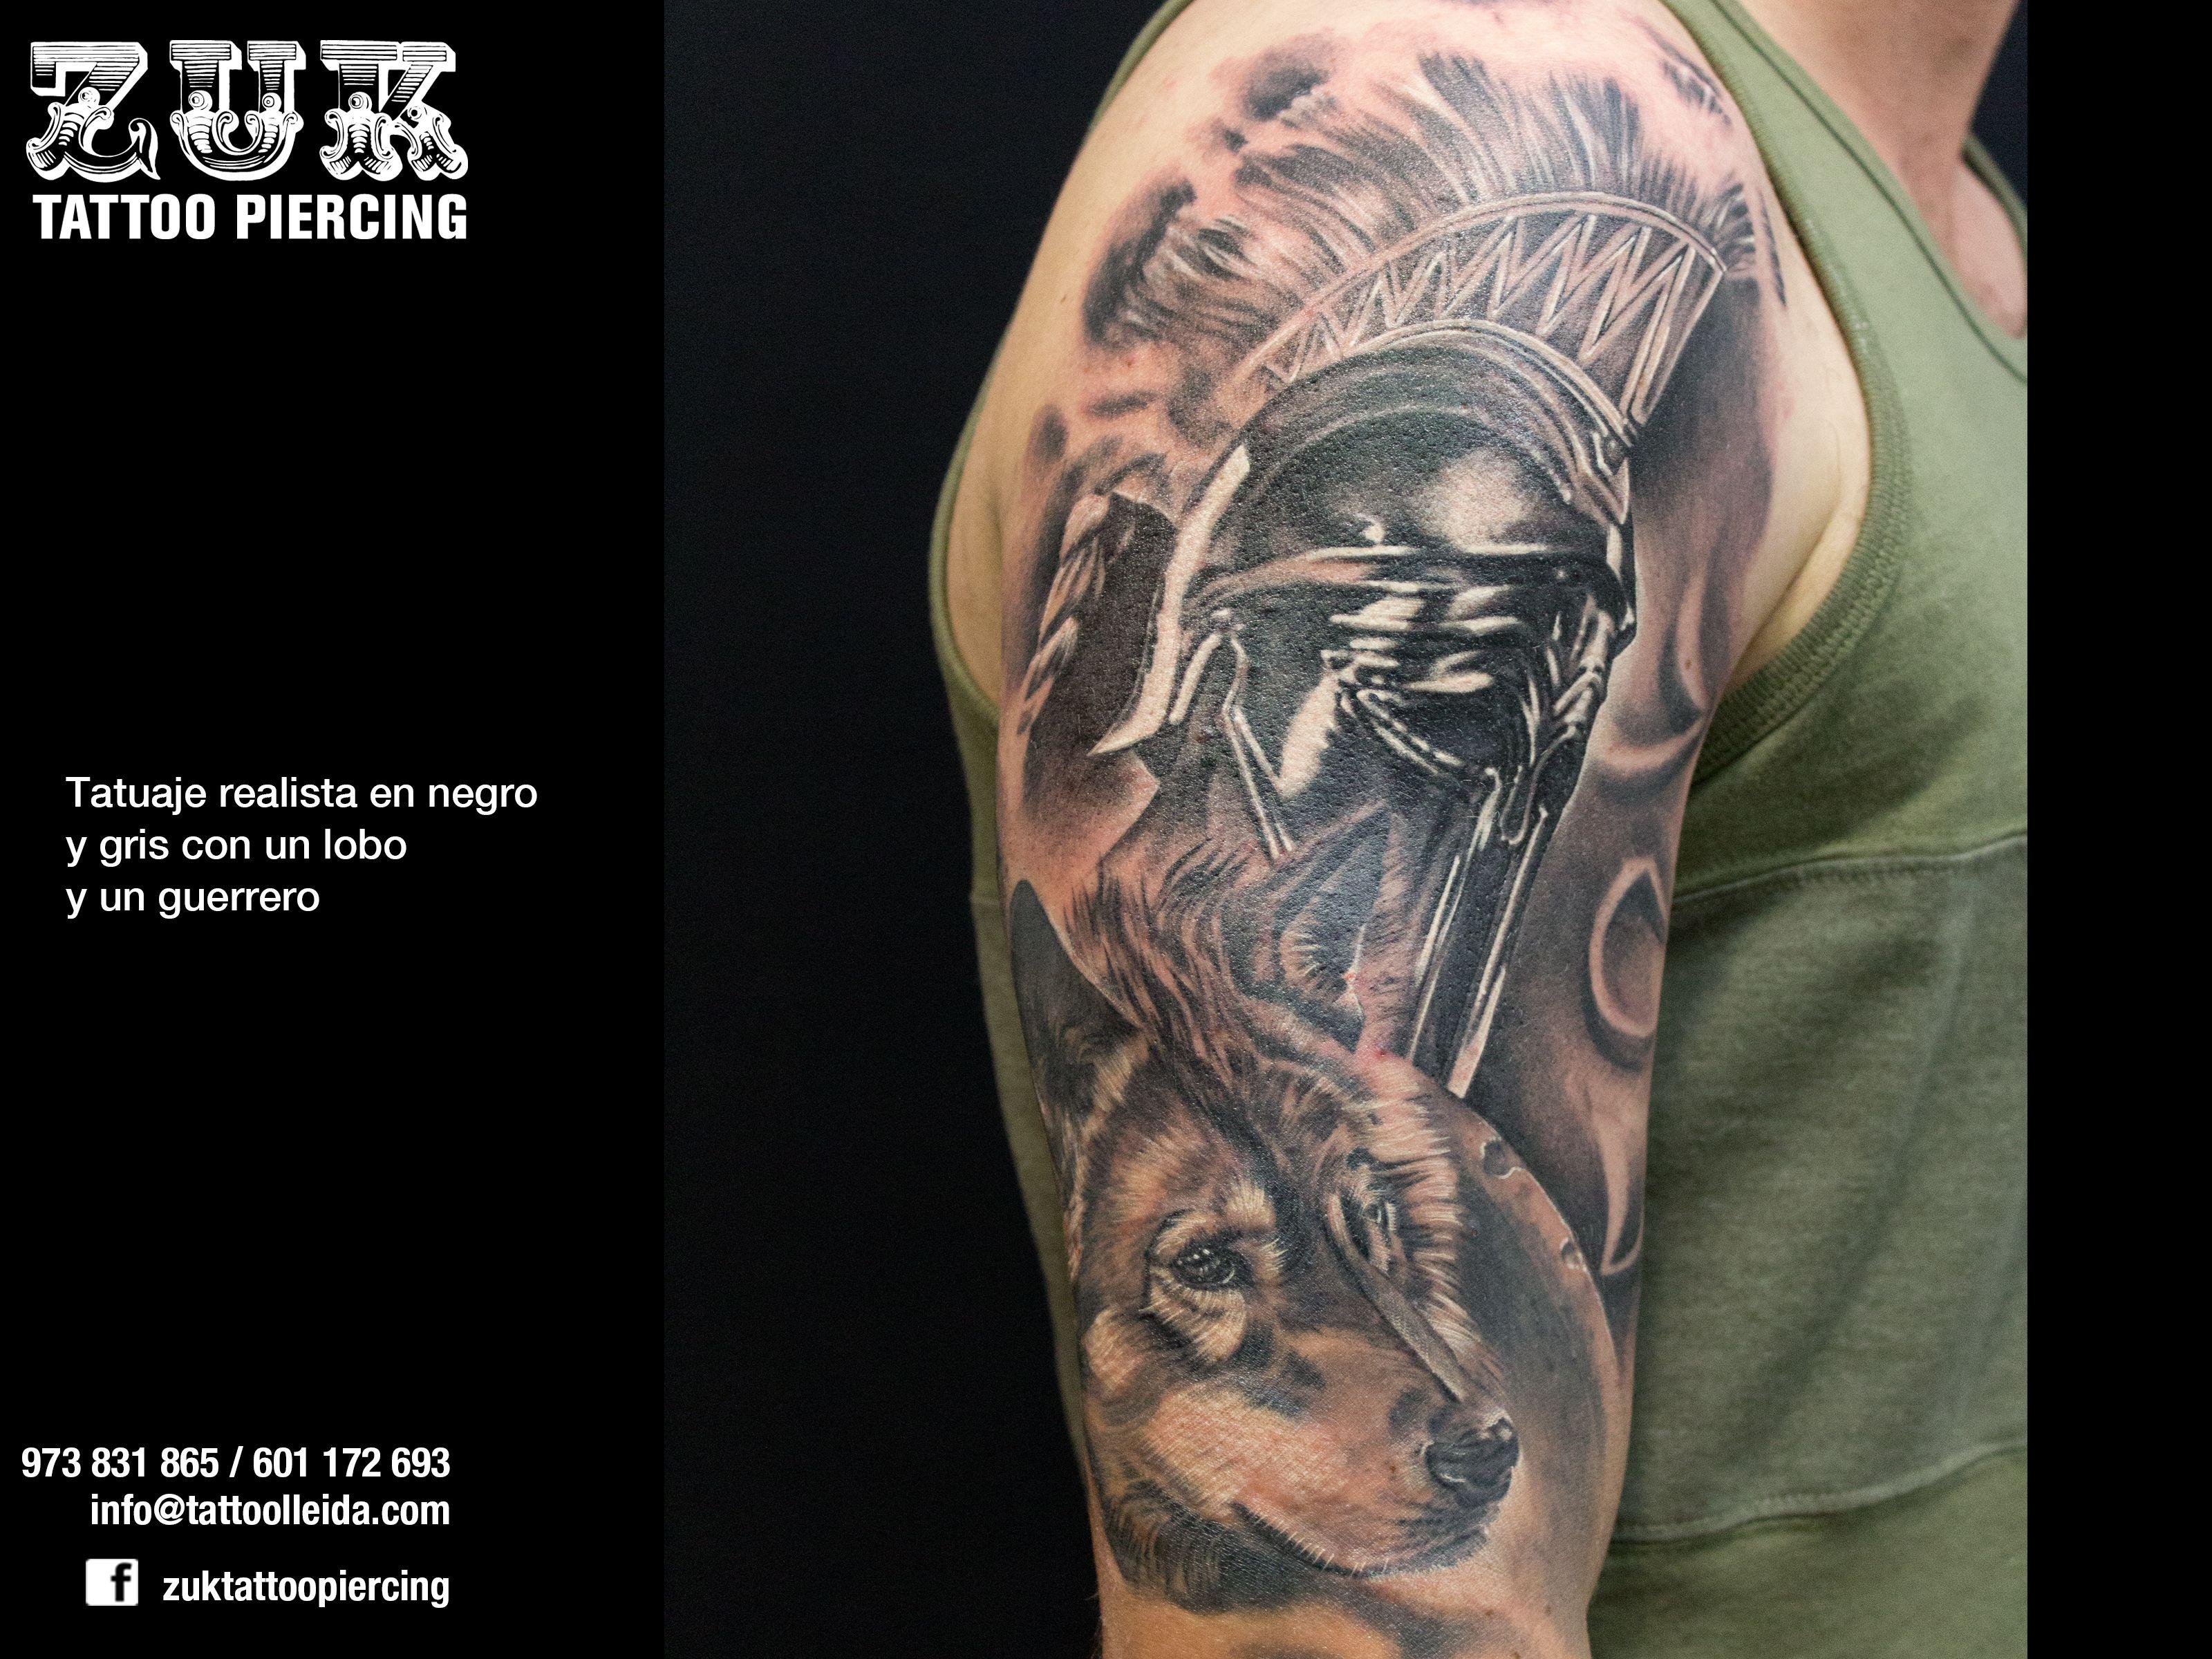 Tatuaje Realista En Negro Y Gris Con Un Lobo Y Un Guerrero Tattoo